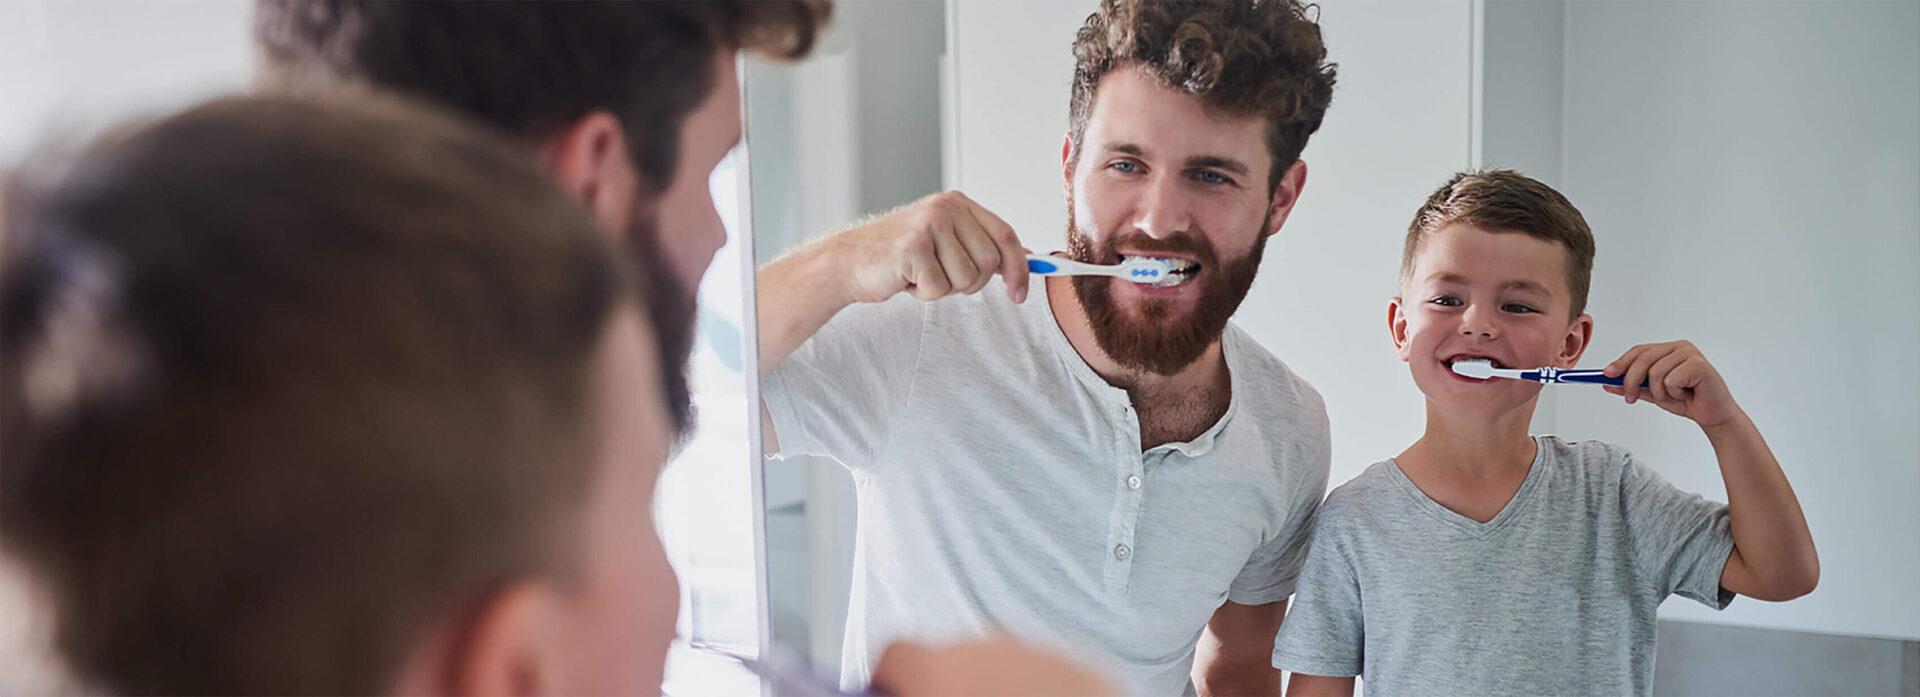 General Dental Hygiene hero image